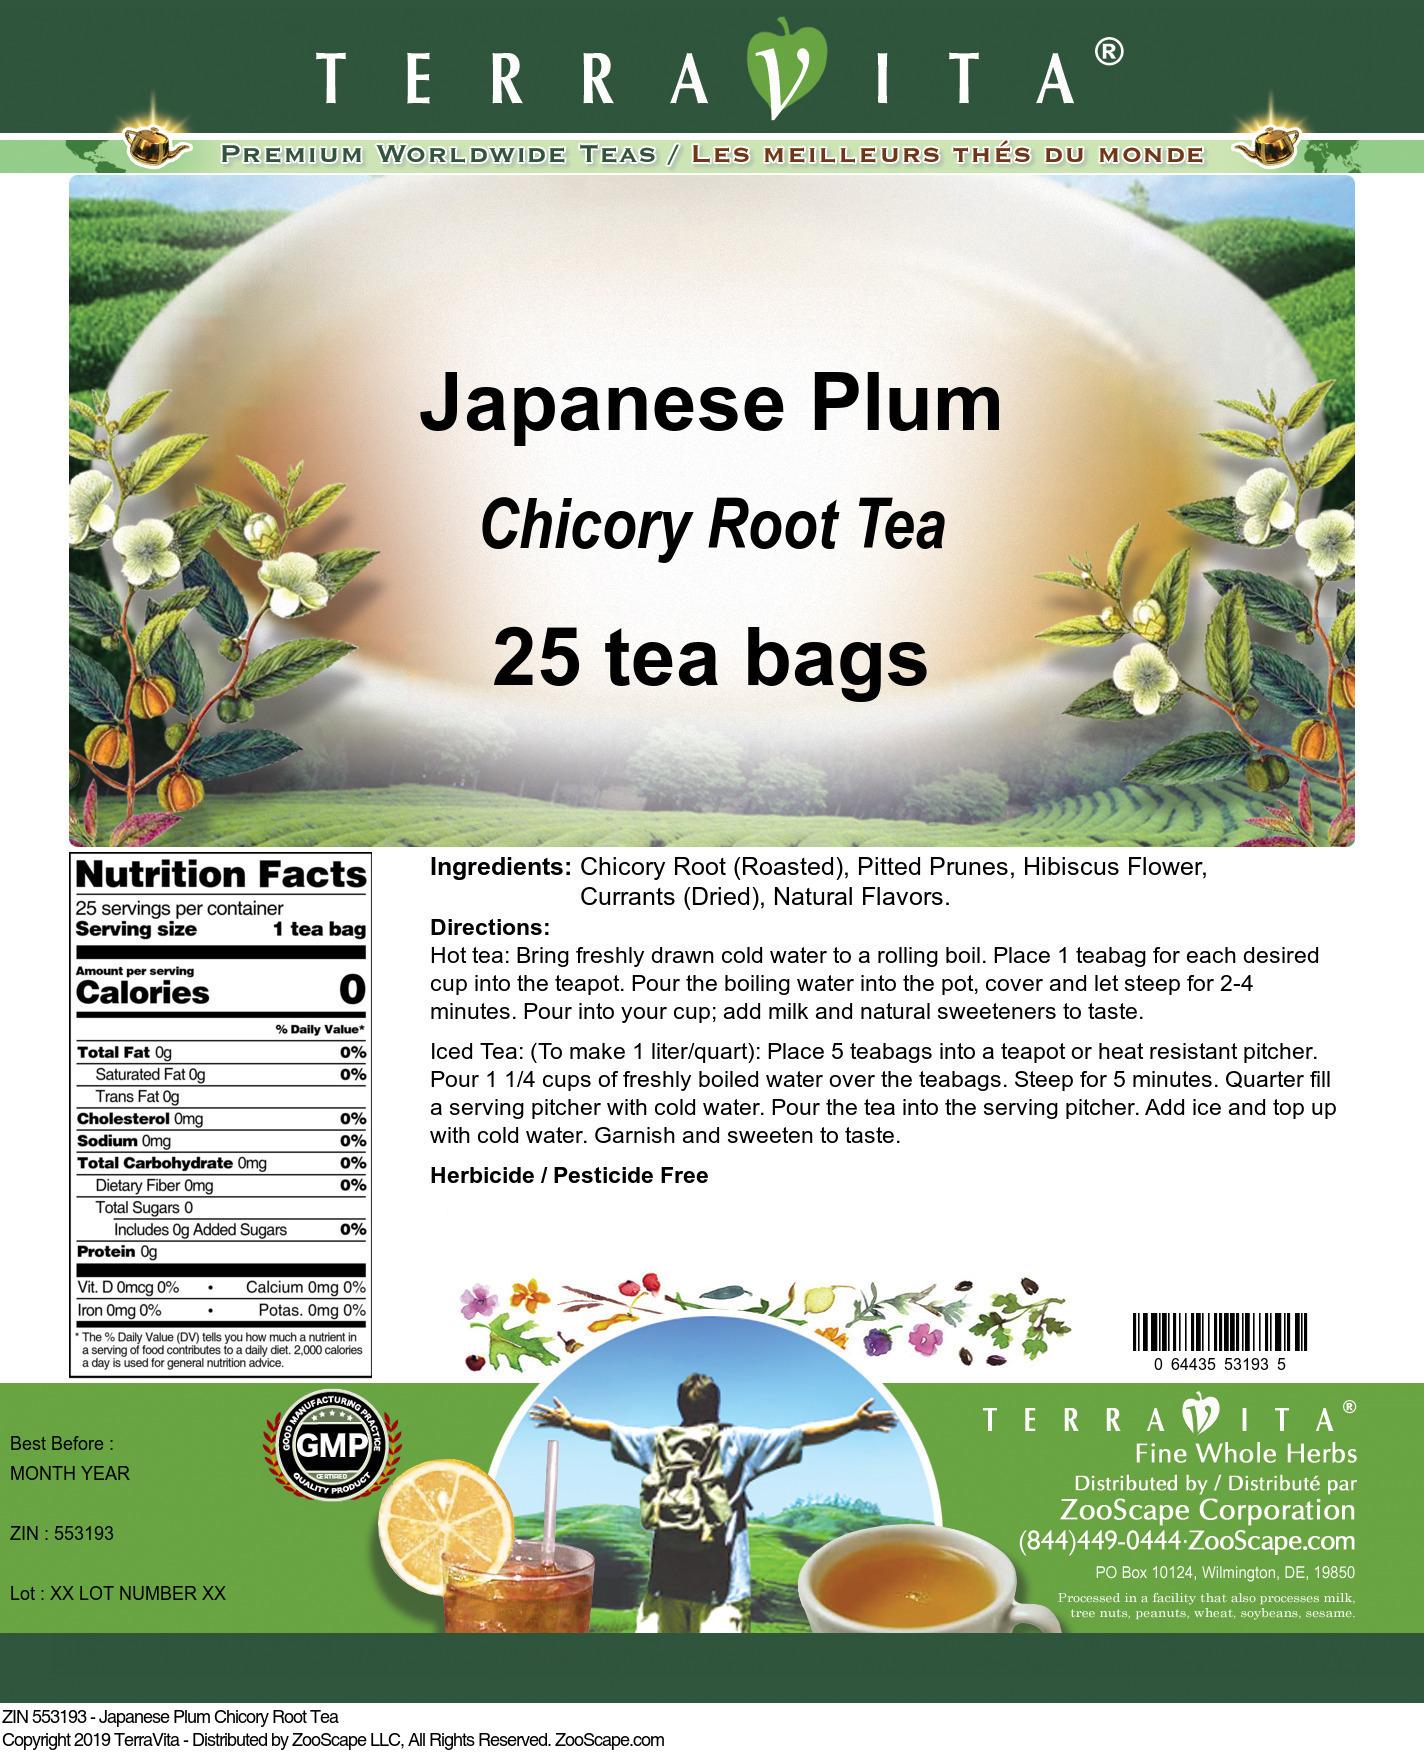 Japanese Plum Chicory Root Tea